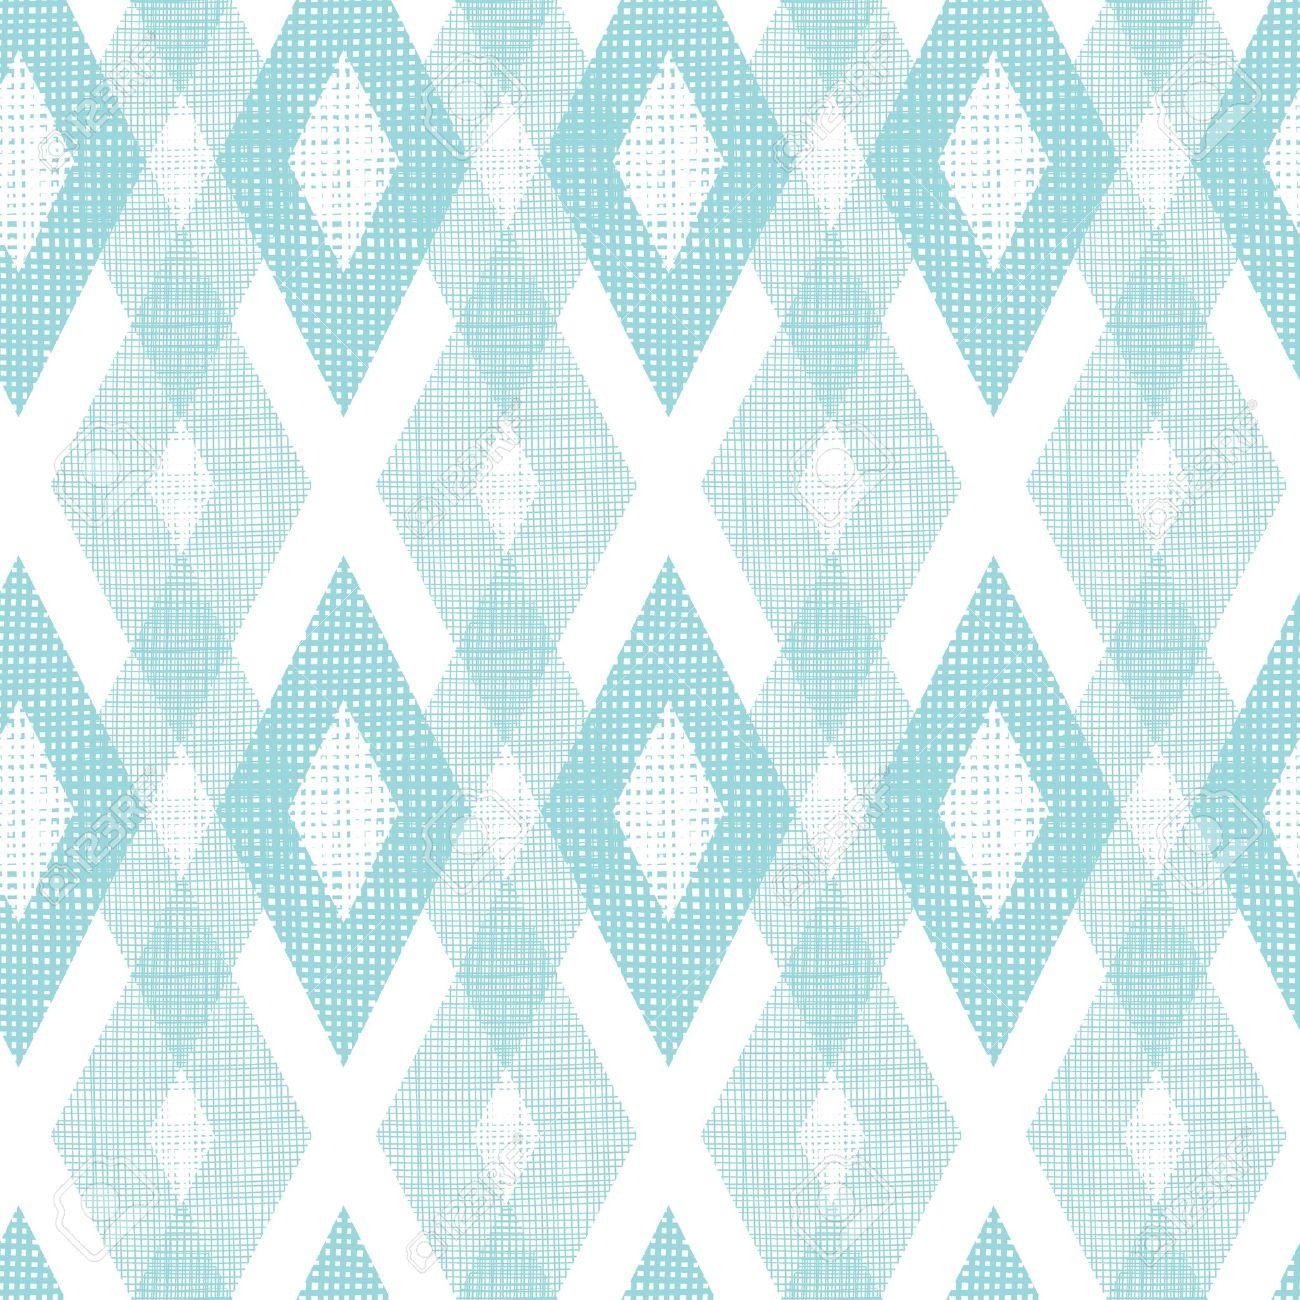 Pastel Blue Fabric Ikat Diamond Seamless Pattern Background Stock ...